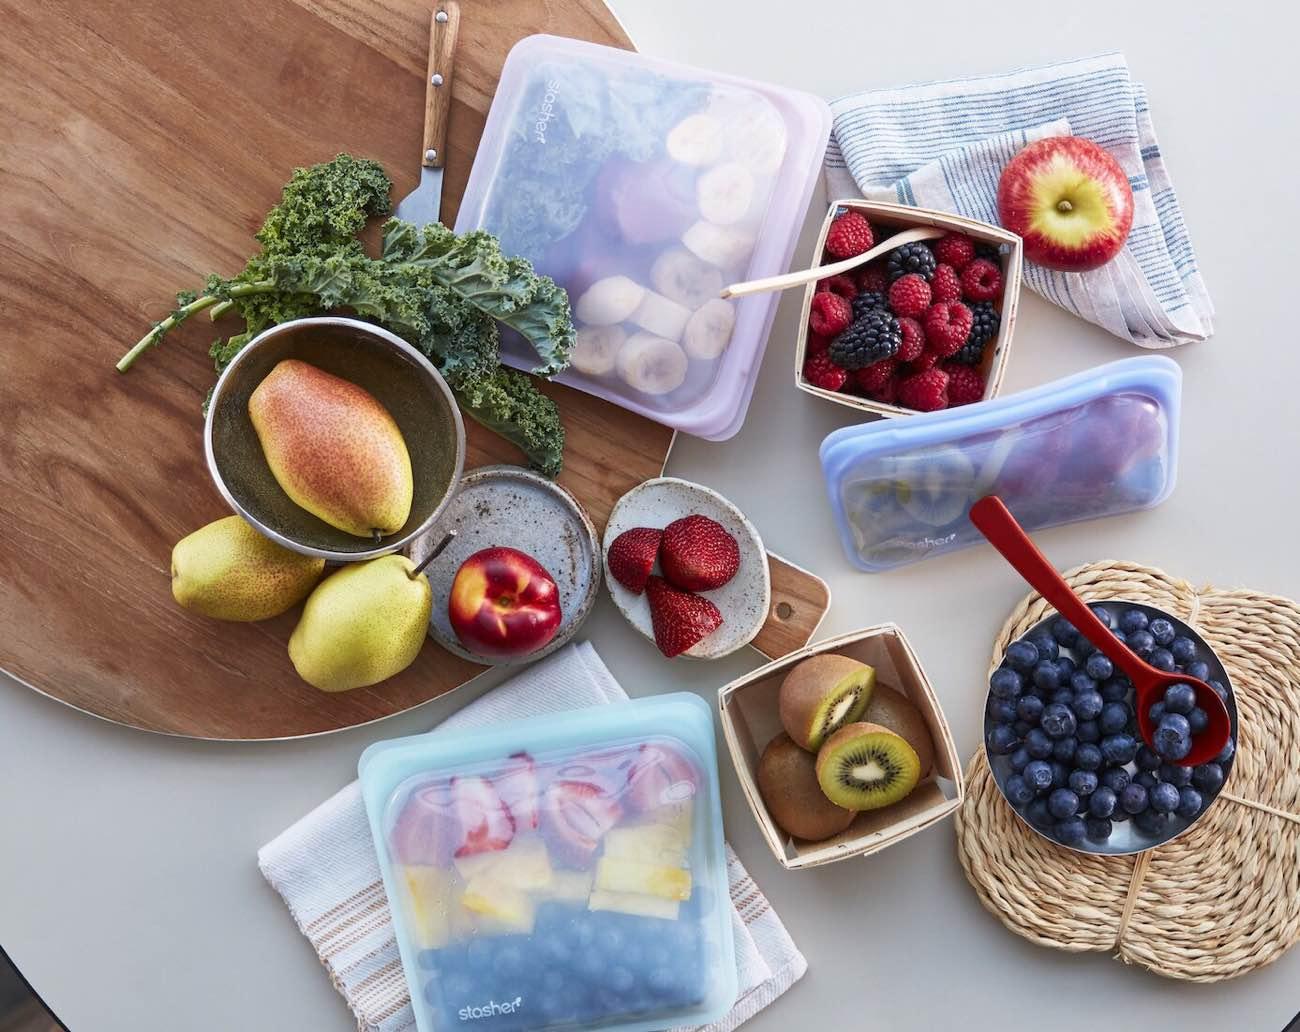 stasher-reusable-silicone-food-bags